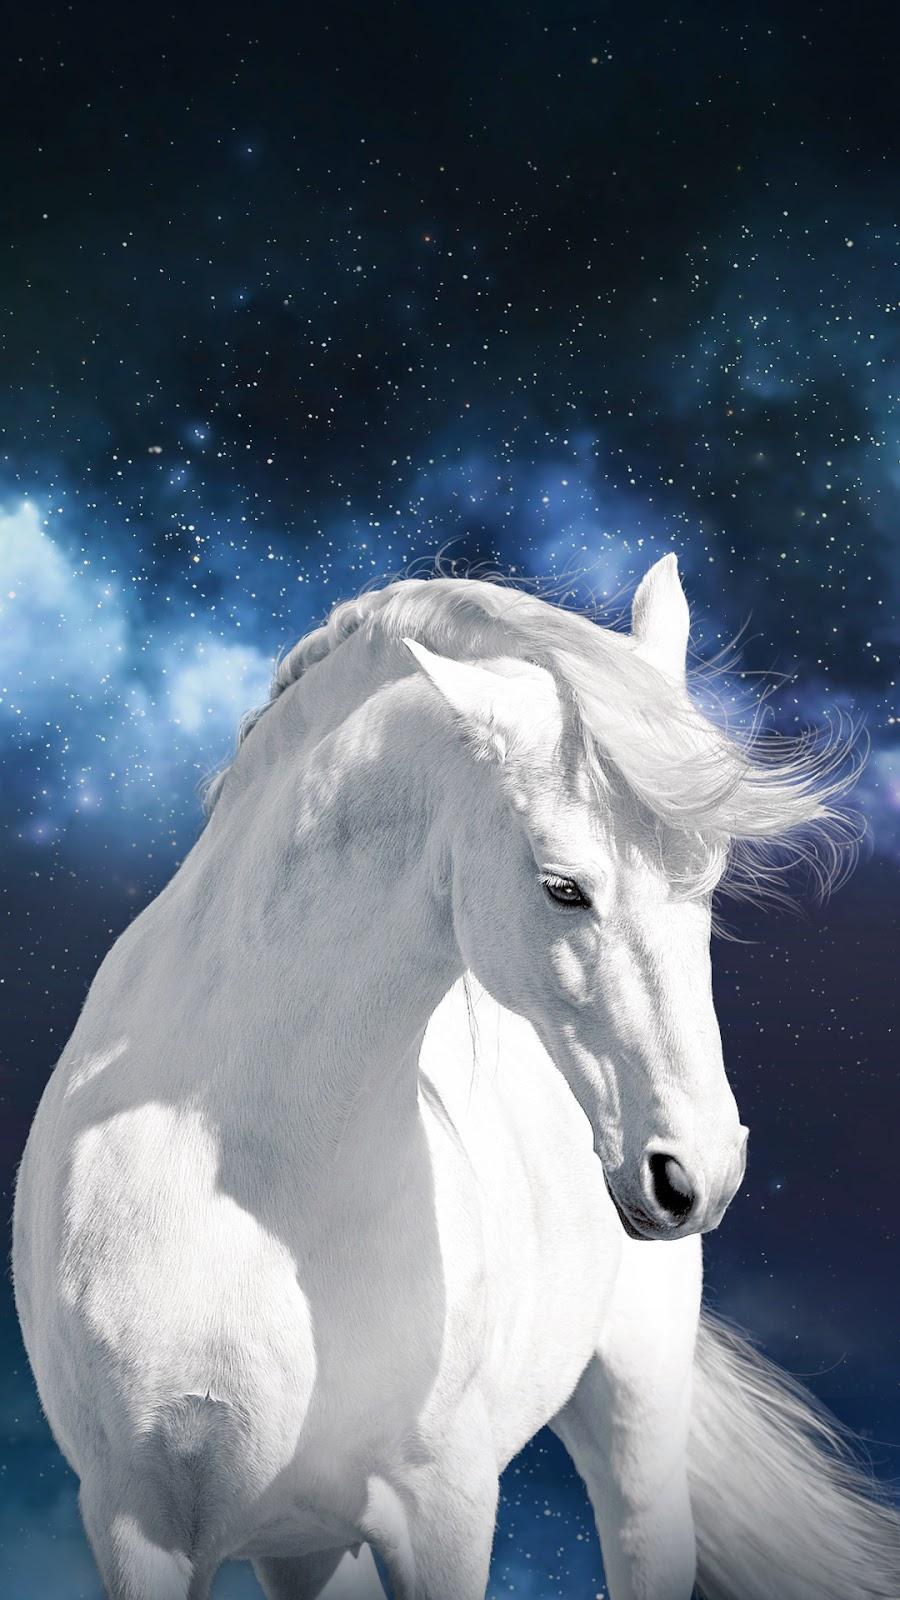 Beautiful Wallpaper Horse Samsung Galaxy - ca460-sky_vega_vn9  HD_80713.jpg